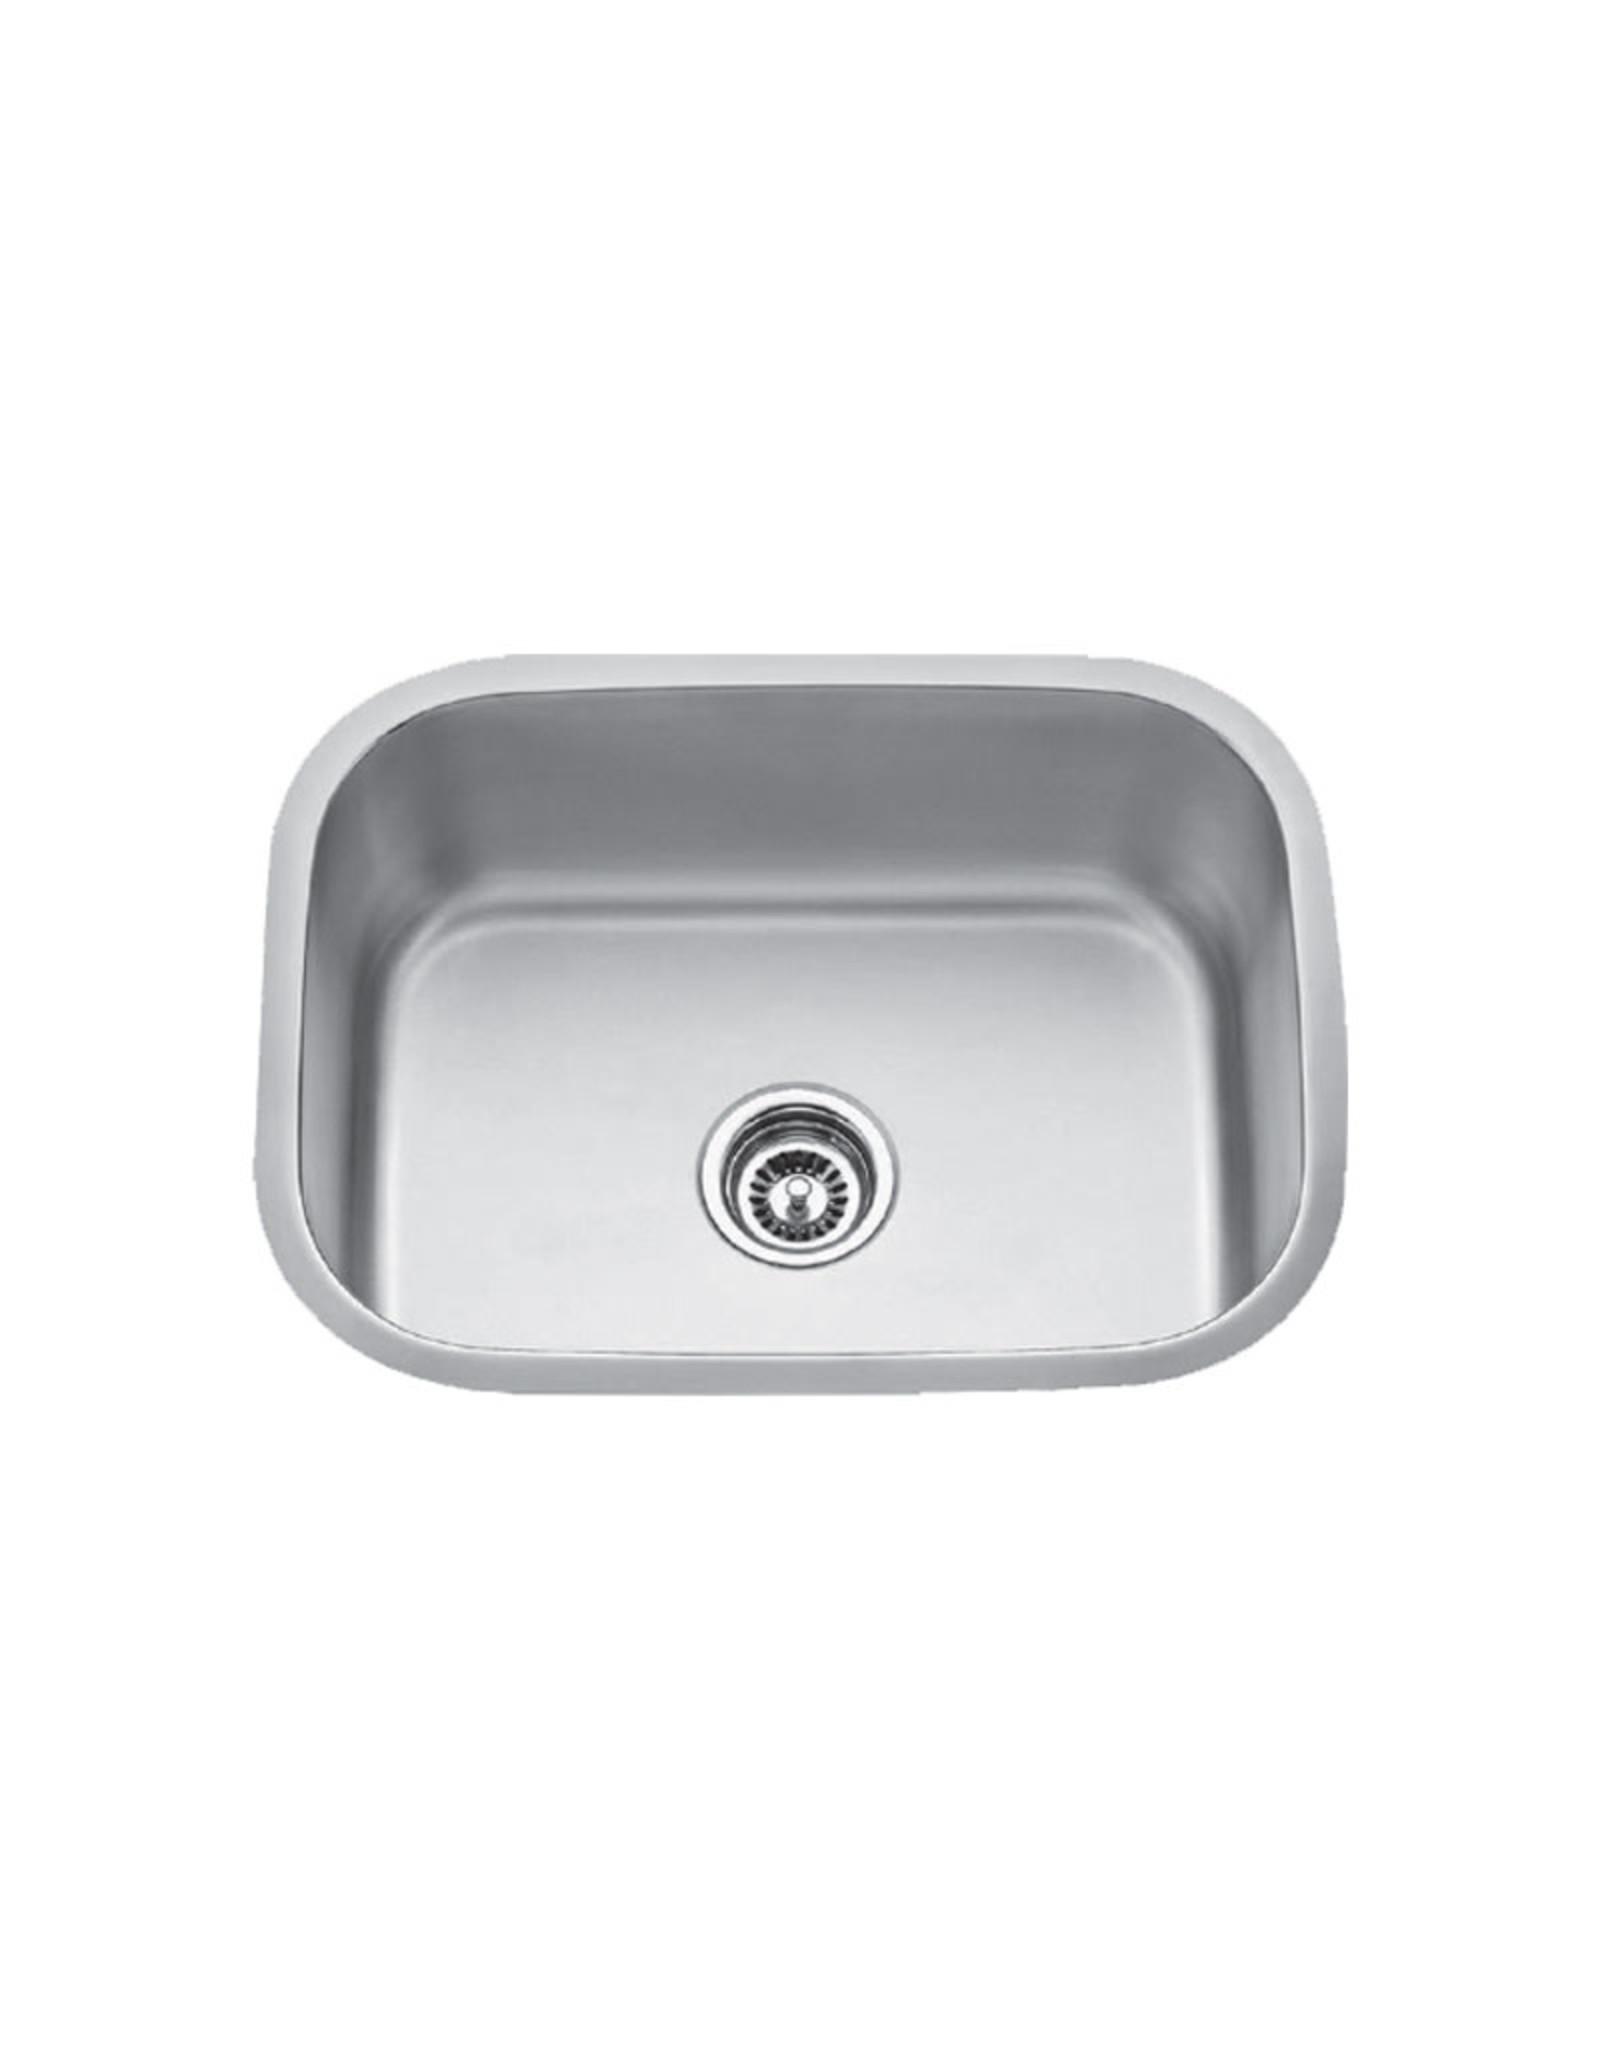 """Vogt Tirol Undermount Kitchen Sink 23 ½"""" x 17 ¾"""" x 9"""""""